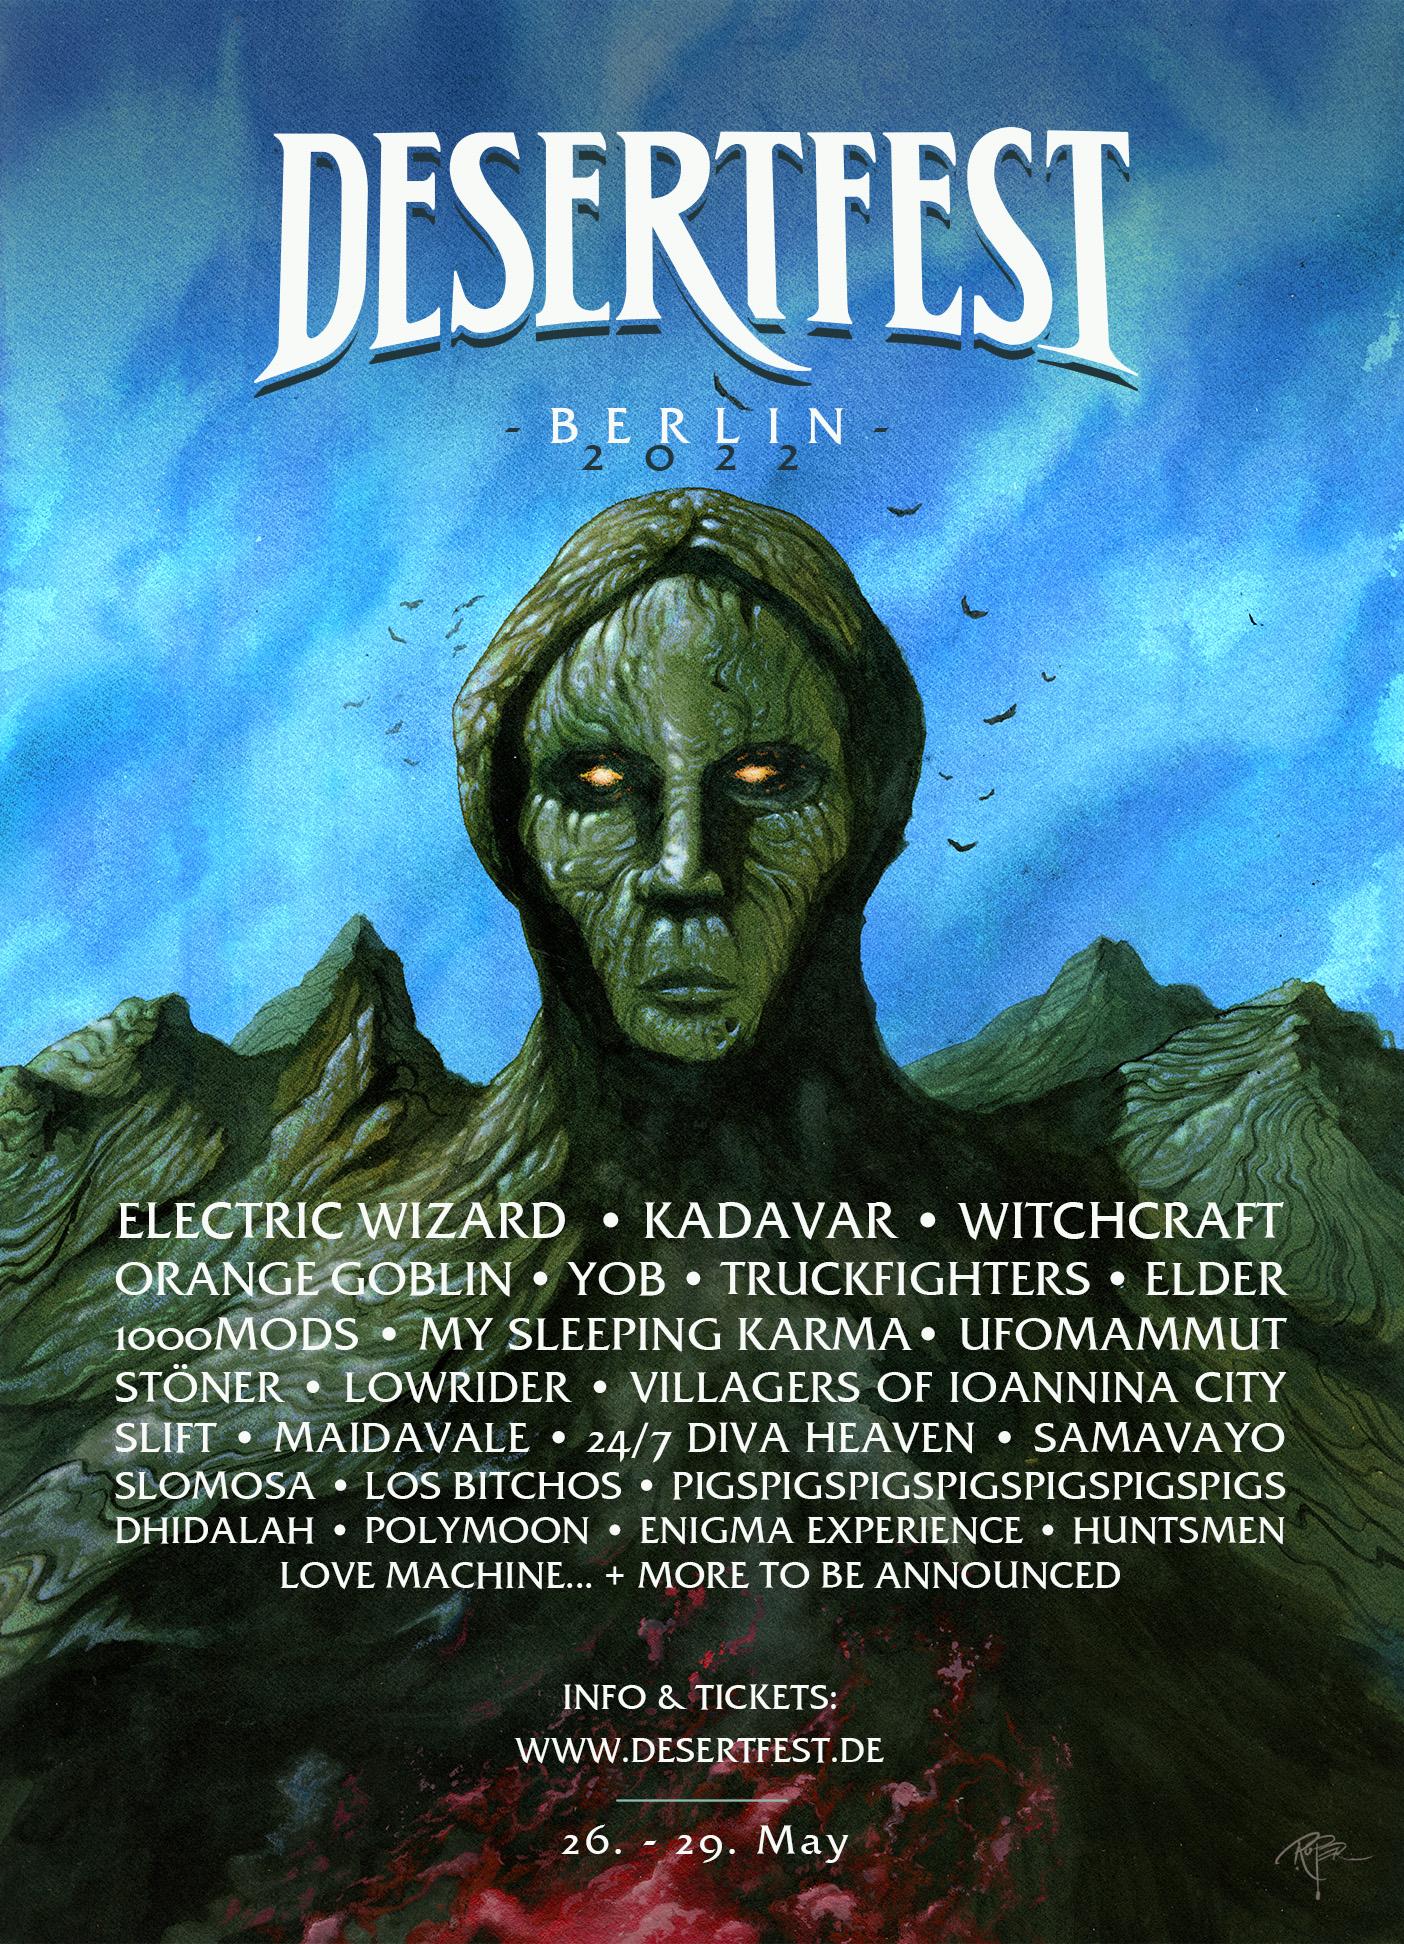 desertfest berlin 2022 poster